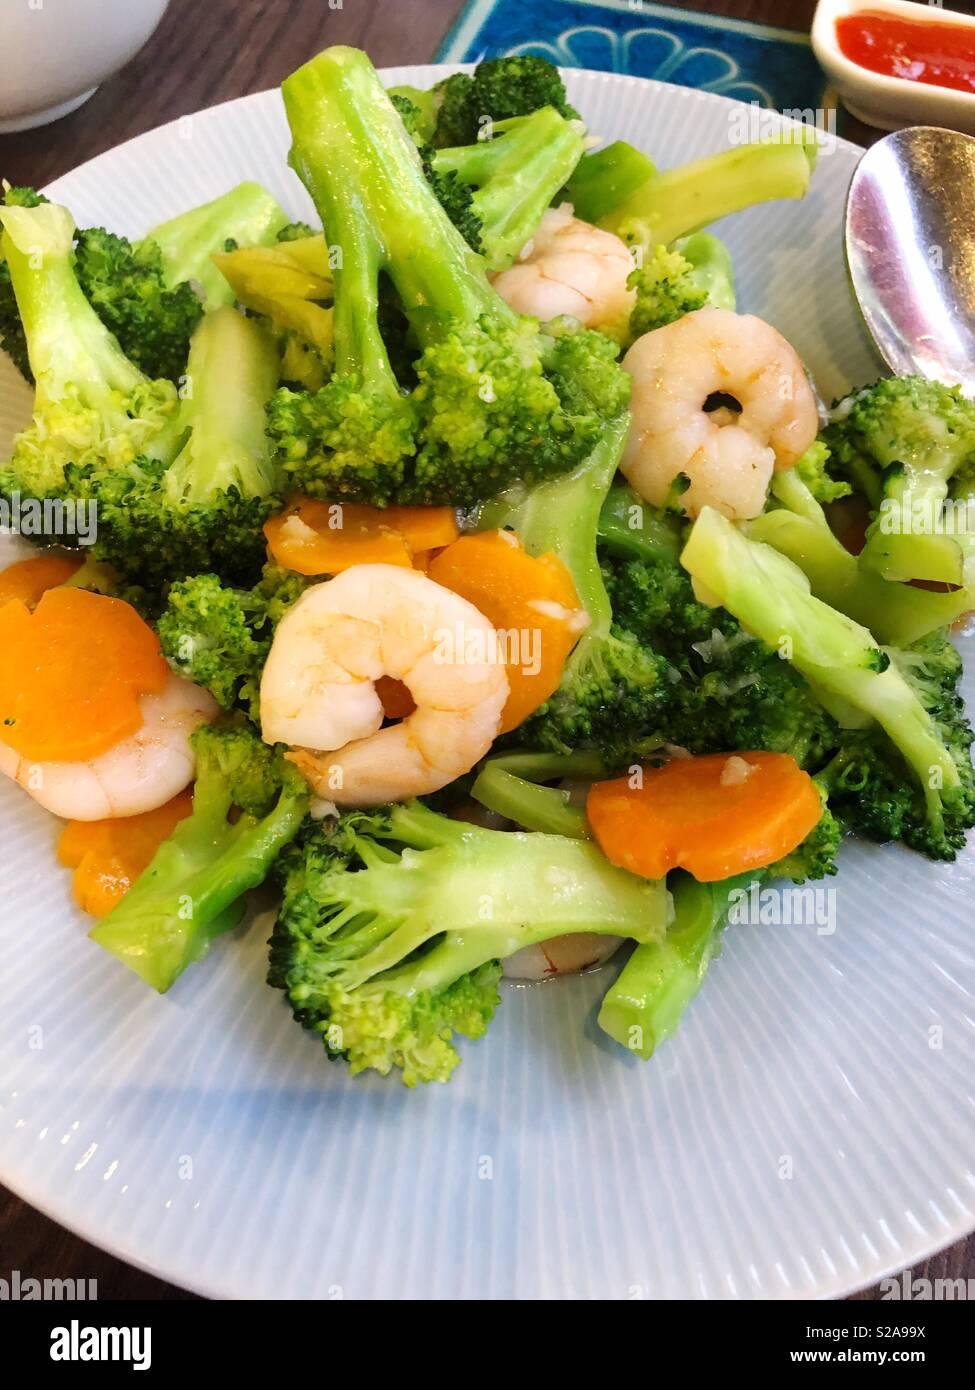 Prawn and broccoli salad - Stock Image